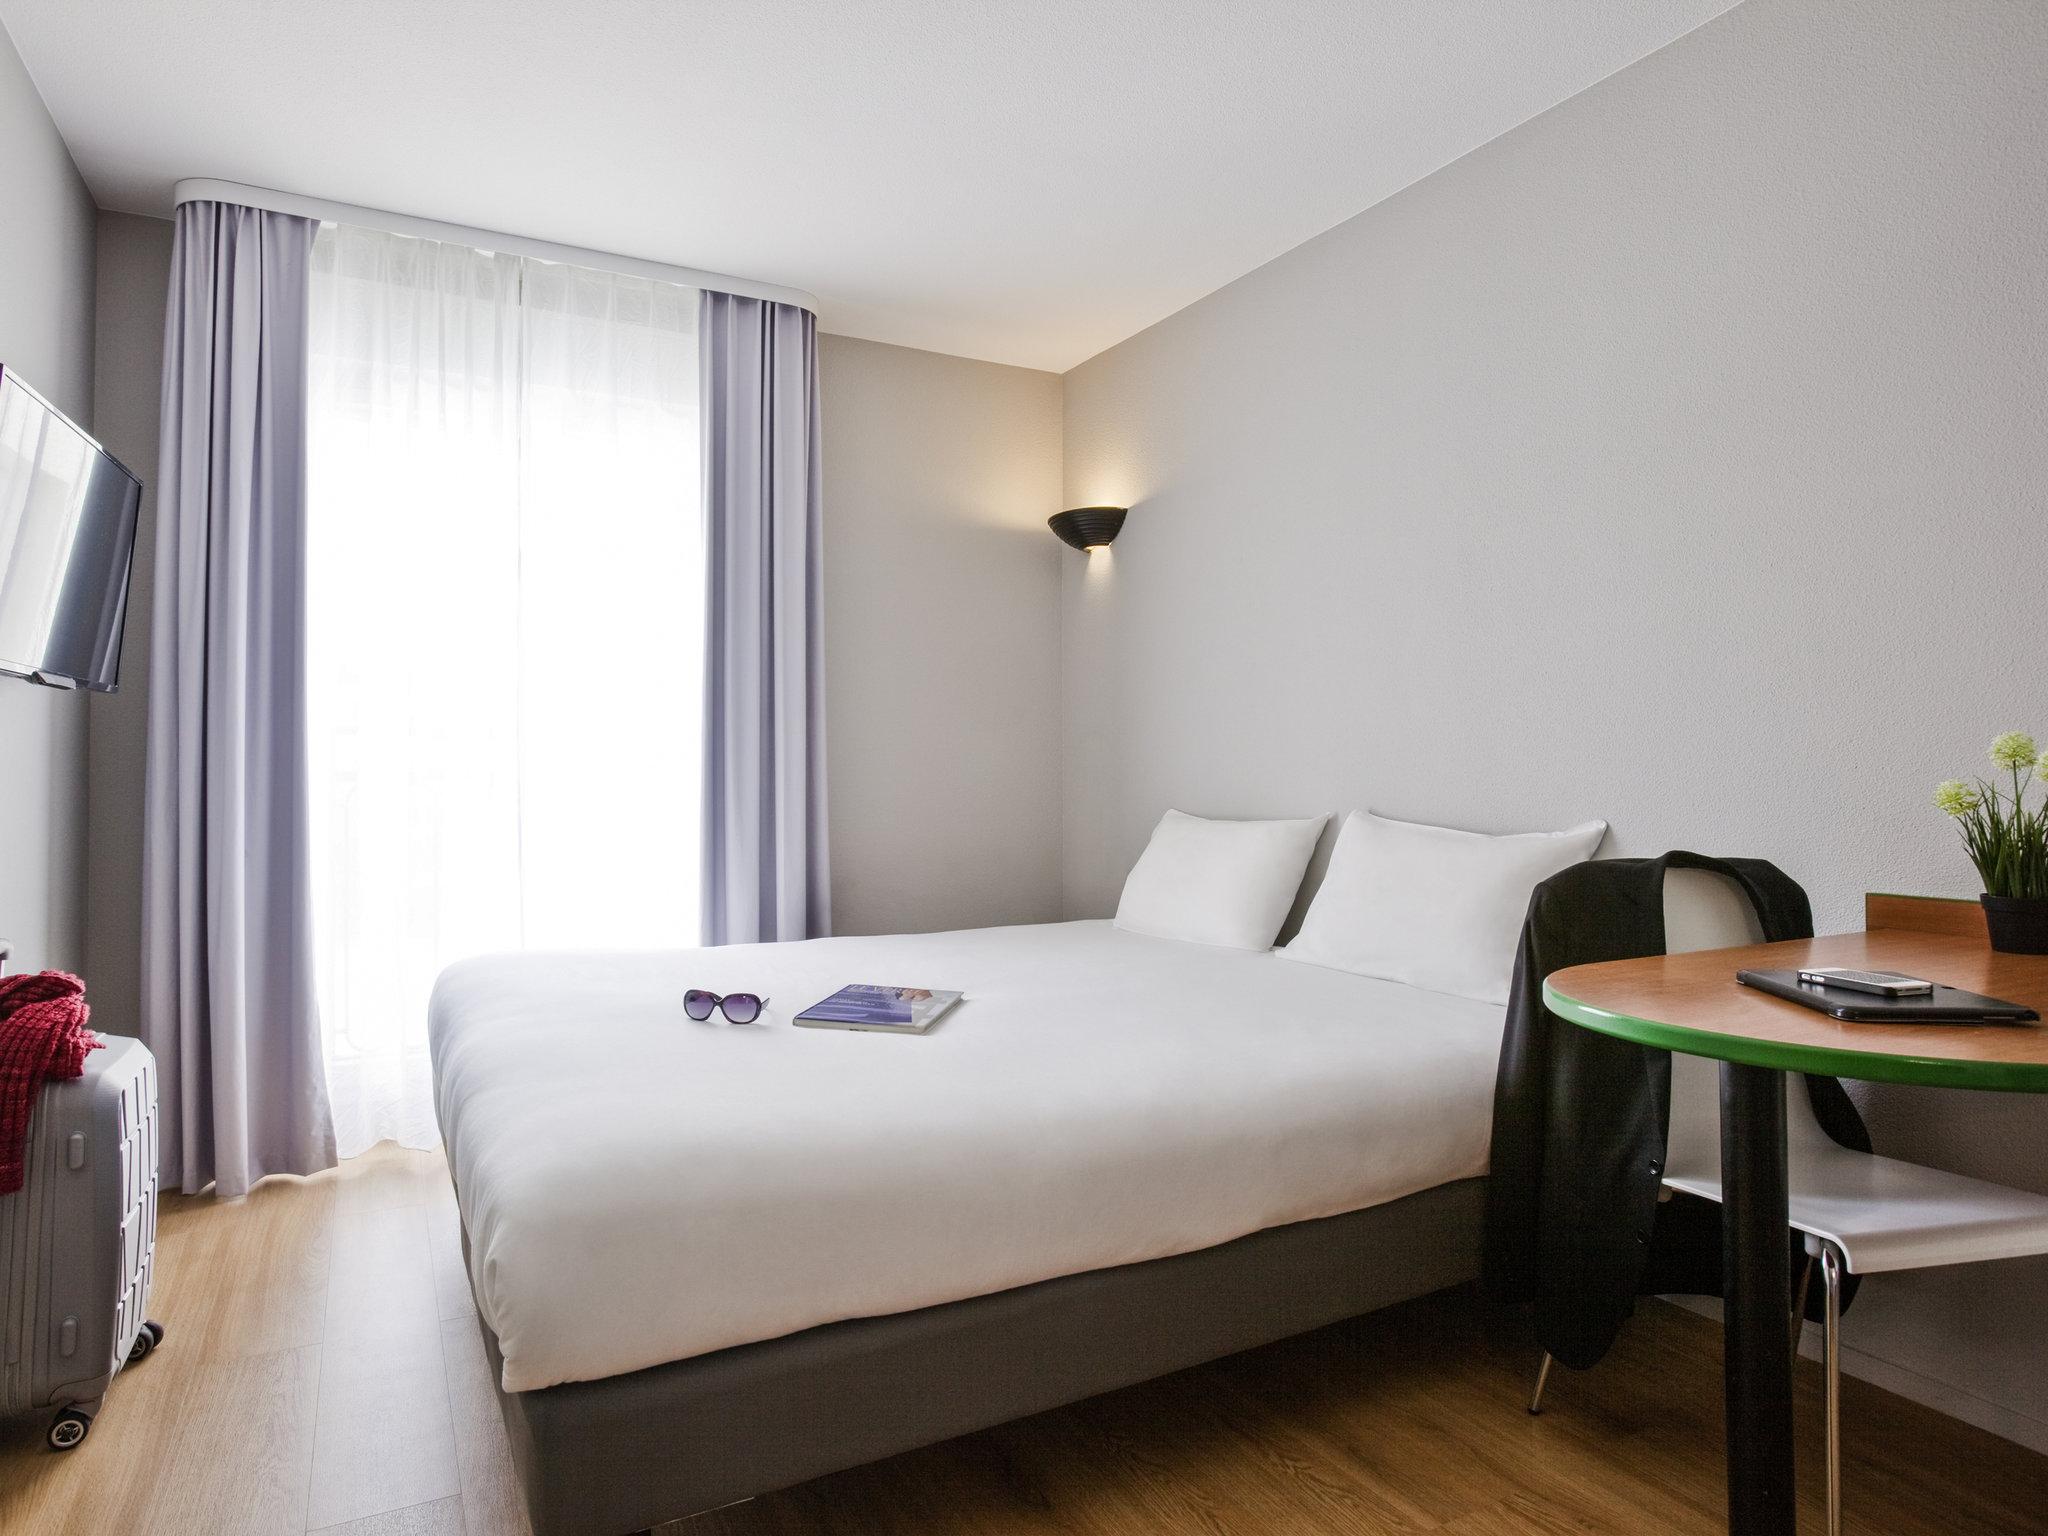 H´tel  MAISONS ALFORT Aparthotel Adagio access Paris Maisons Alfort